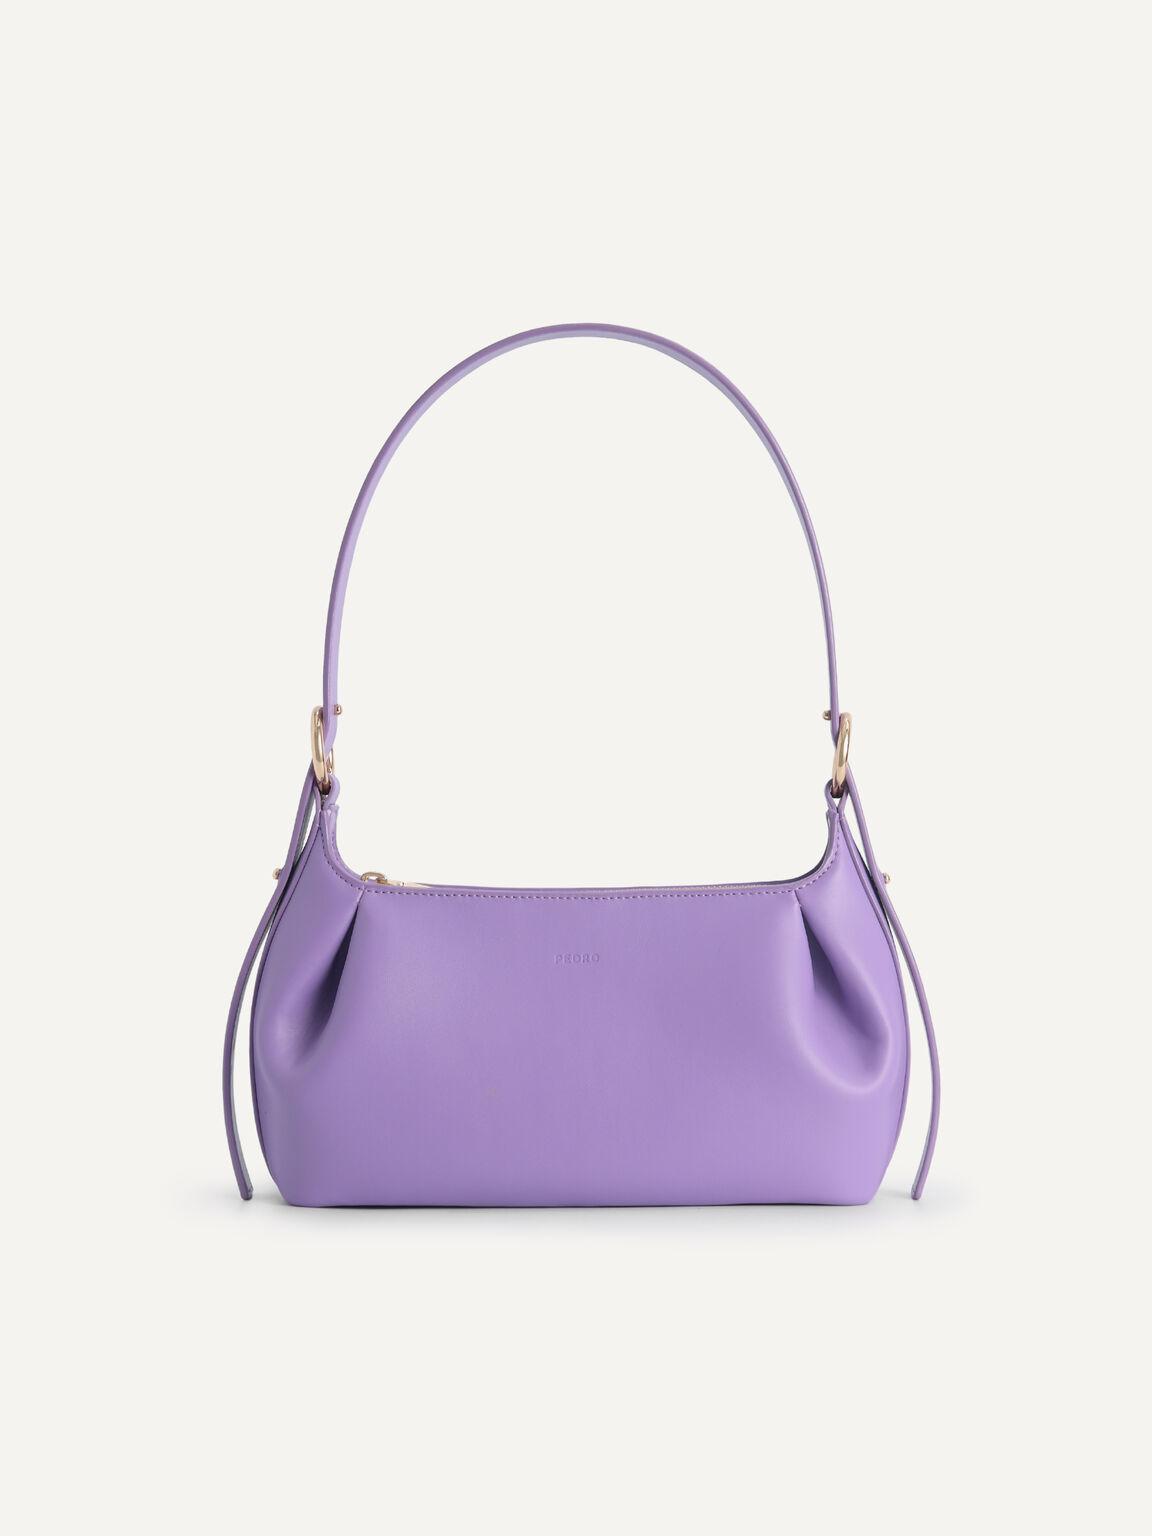 Hobo Top Handle Bag, Mauve, hi-res